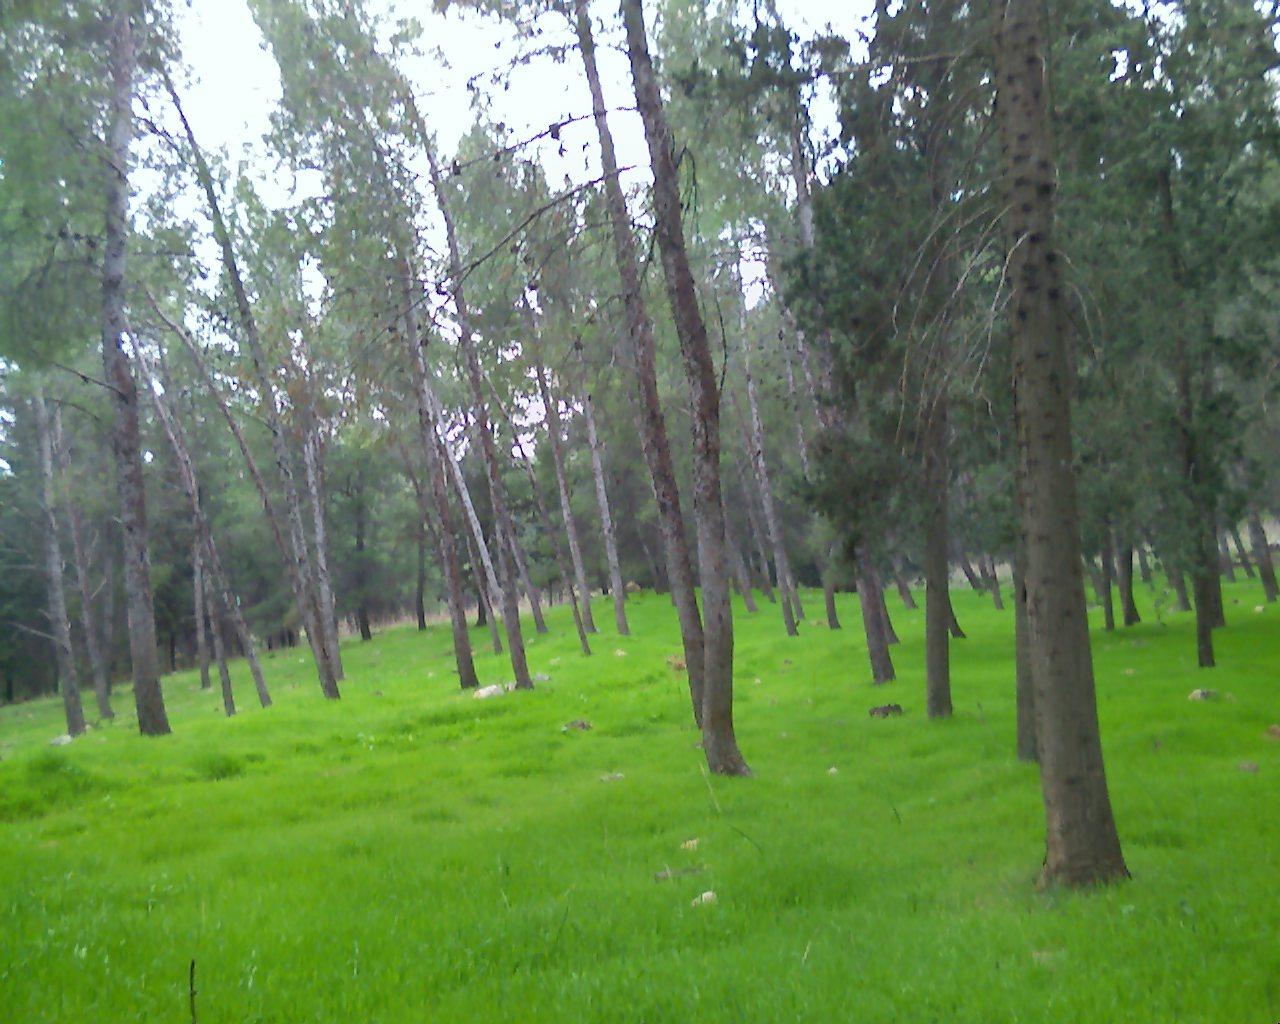 [Grass]